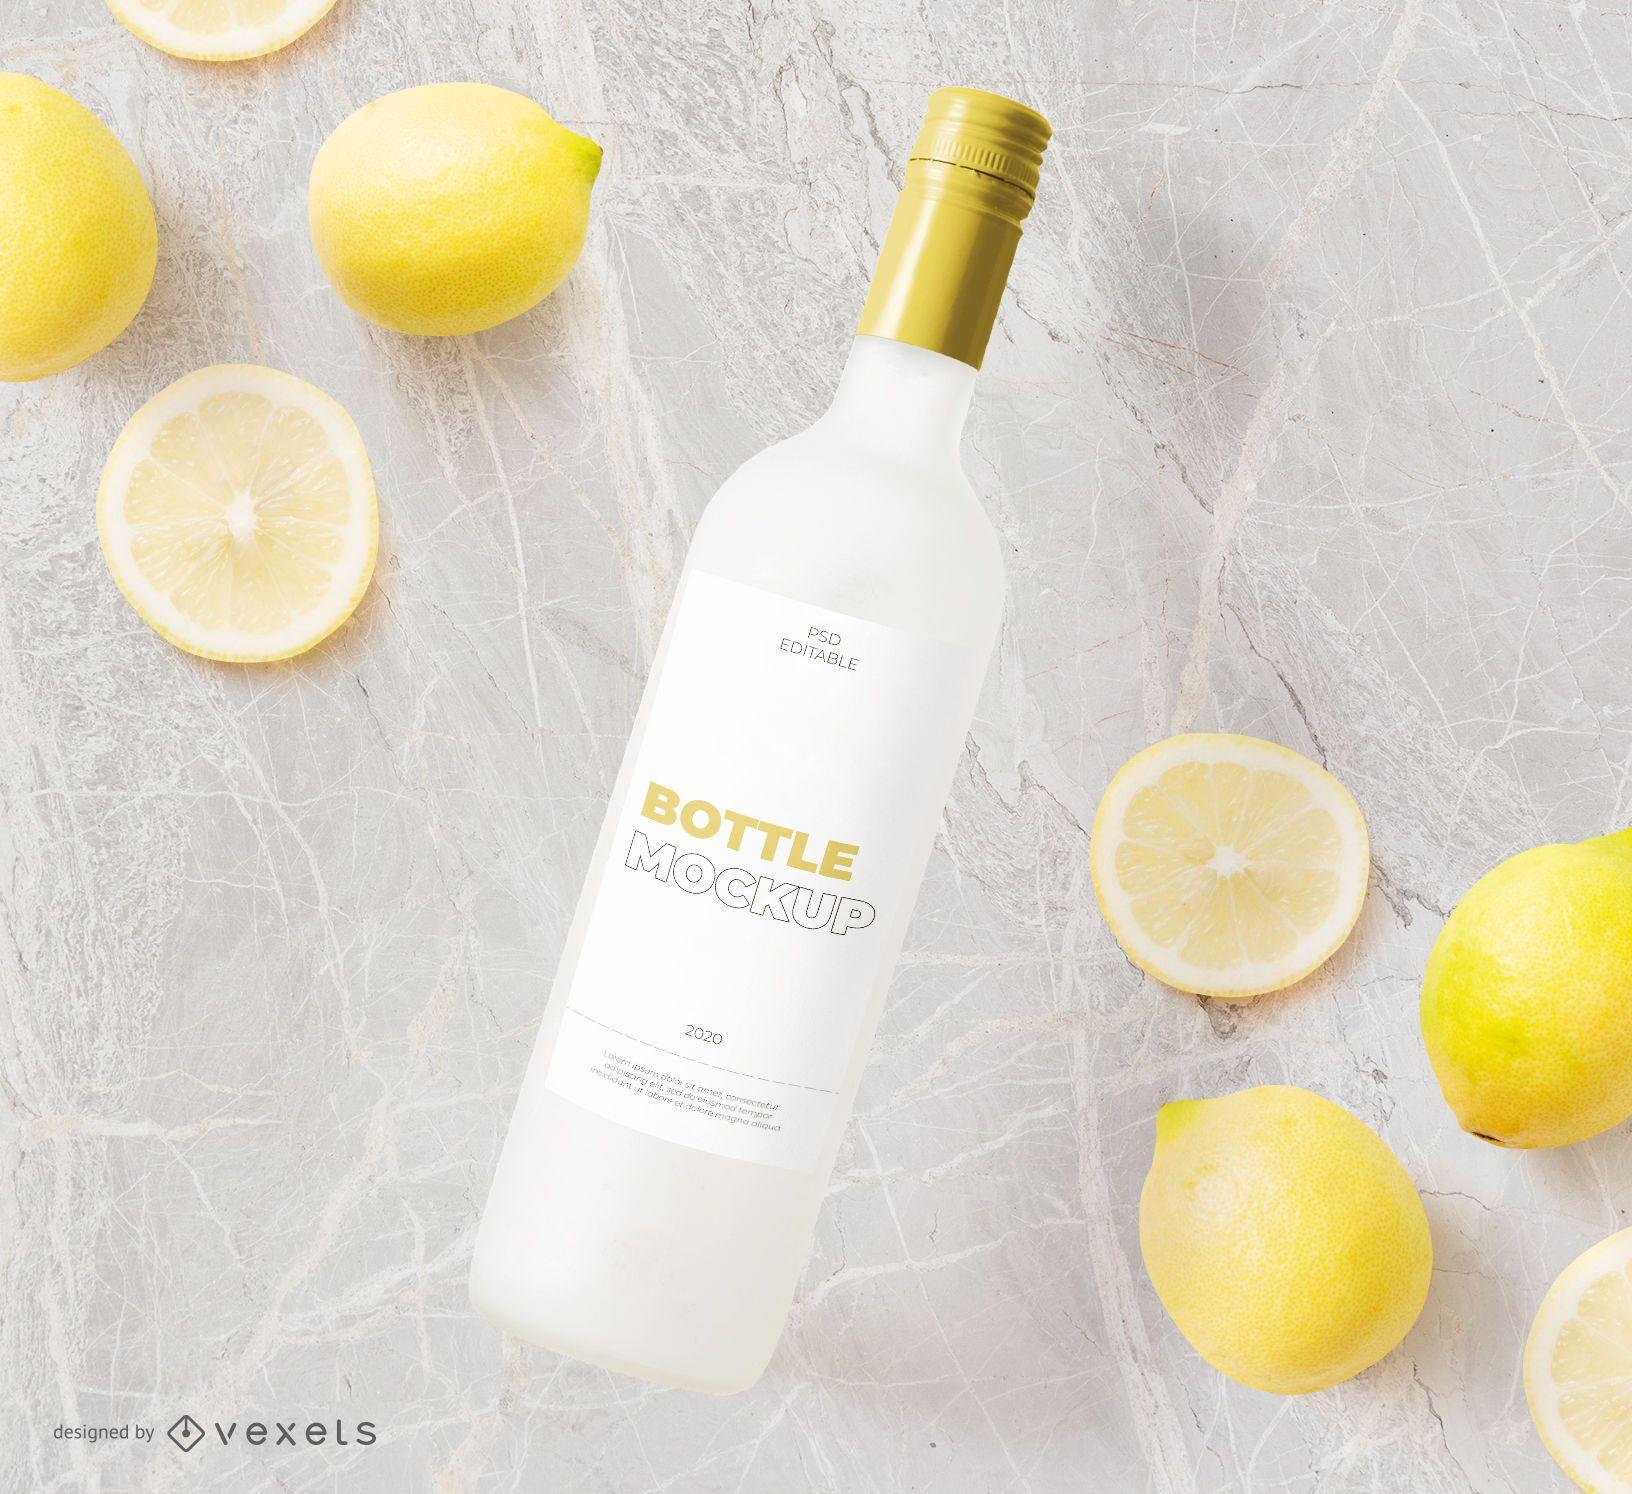 Bottle and lemons mockup composition